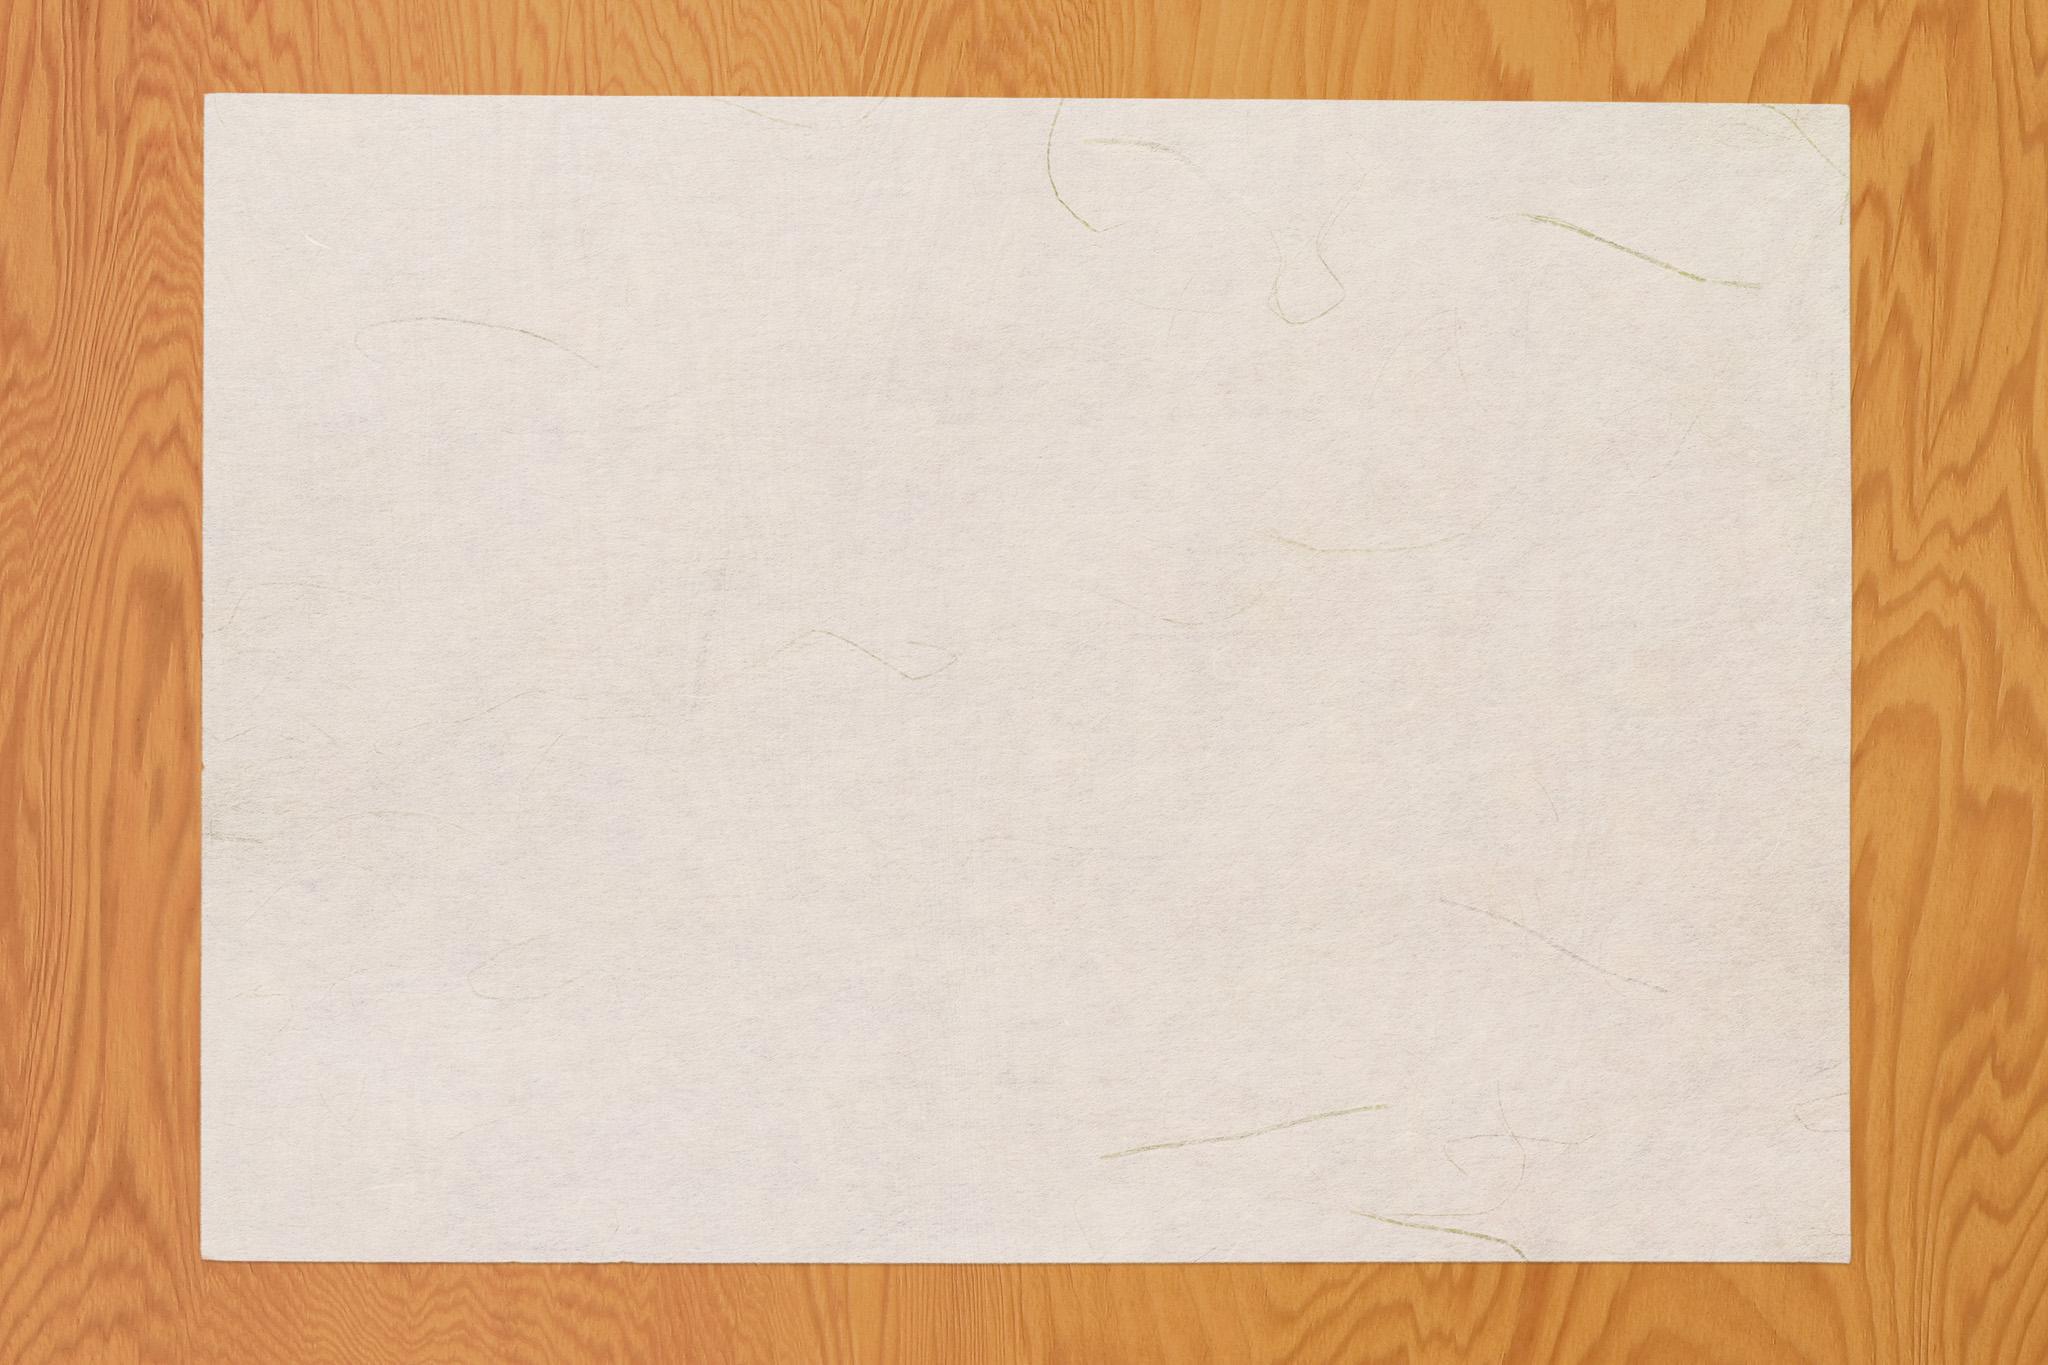 「白い和紙と木の板」の背景を無料ダウンロード